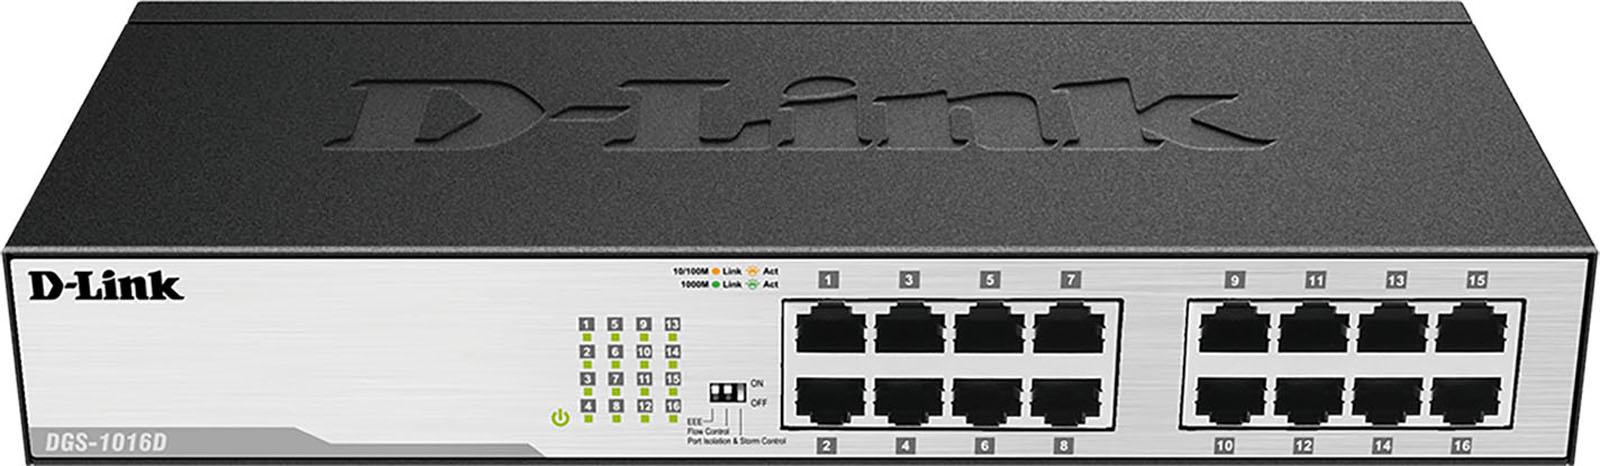 D Link netwerk switch DGS 1016D